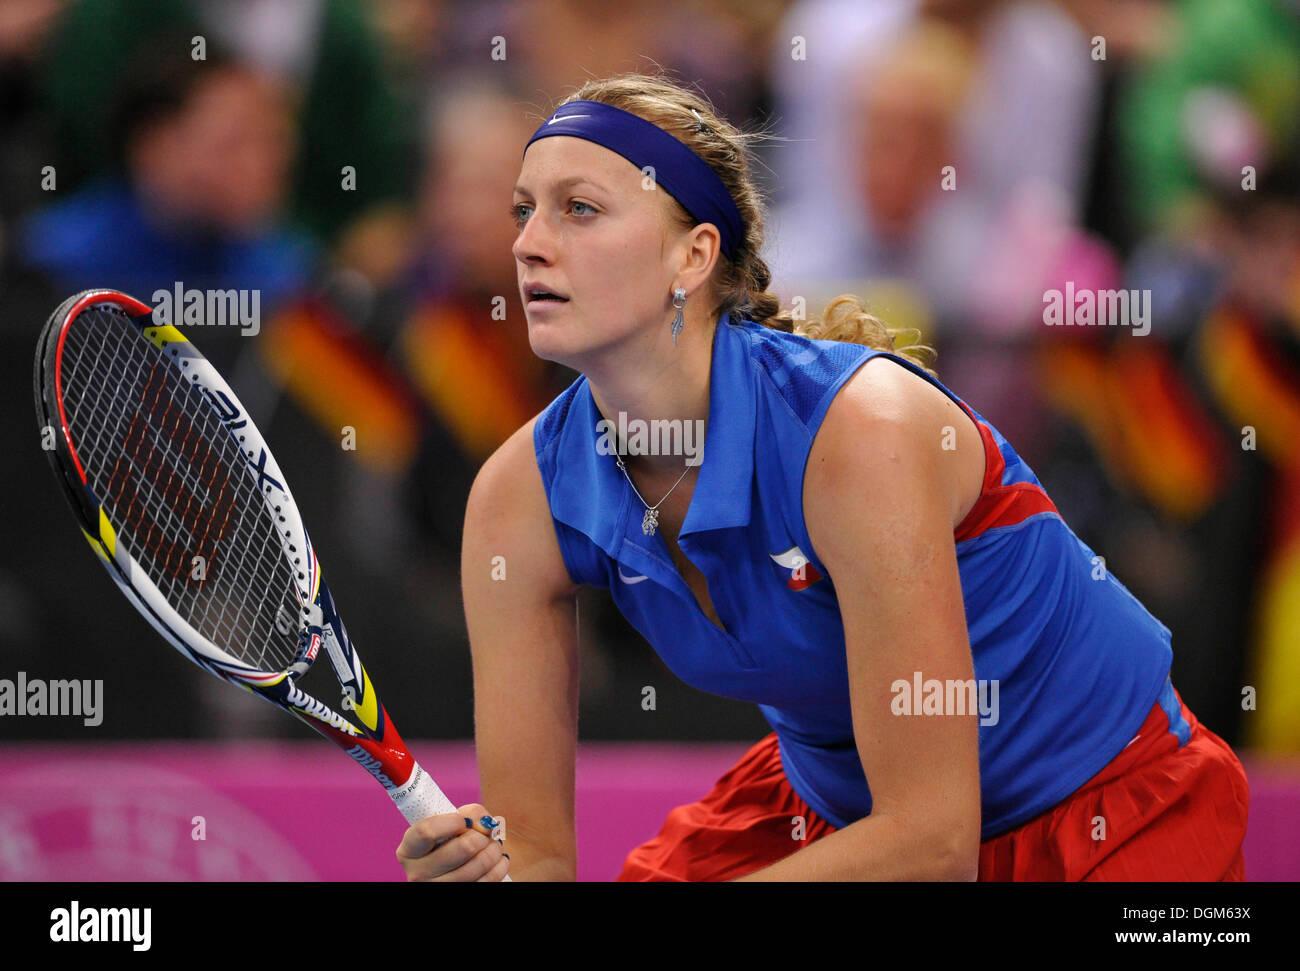 Petra Kvitova, CZE, partido de tenis internacional, Alemania vs. República Checa, FedCup, Federaciones Copa, Grupo Mundial 2012 Foto de stock